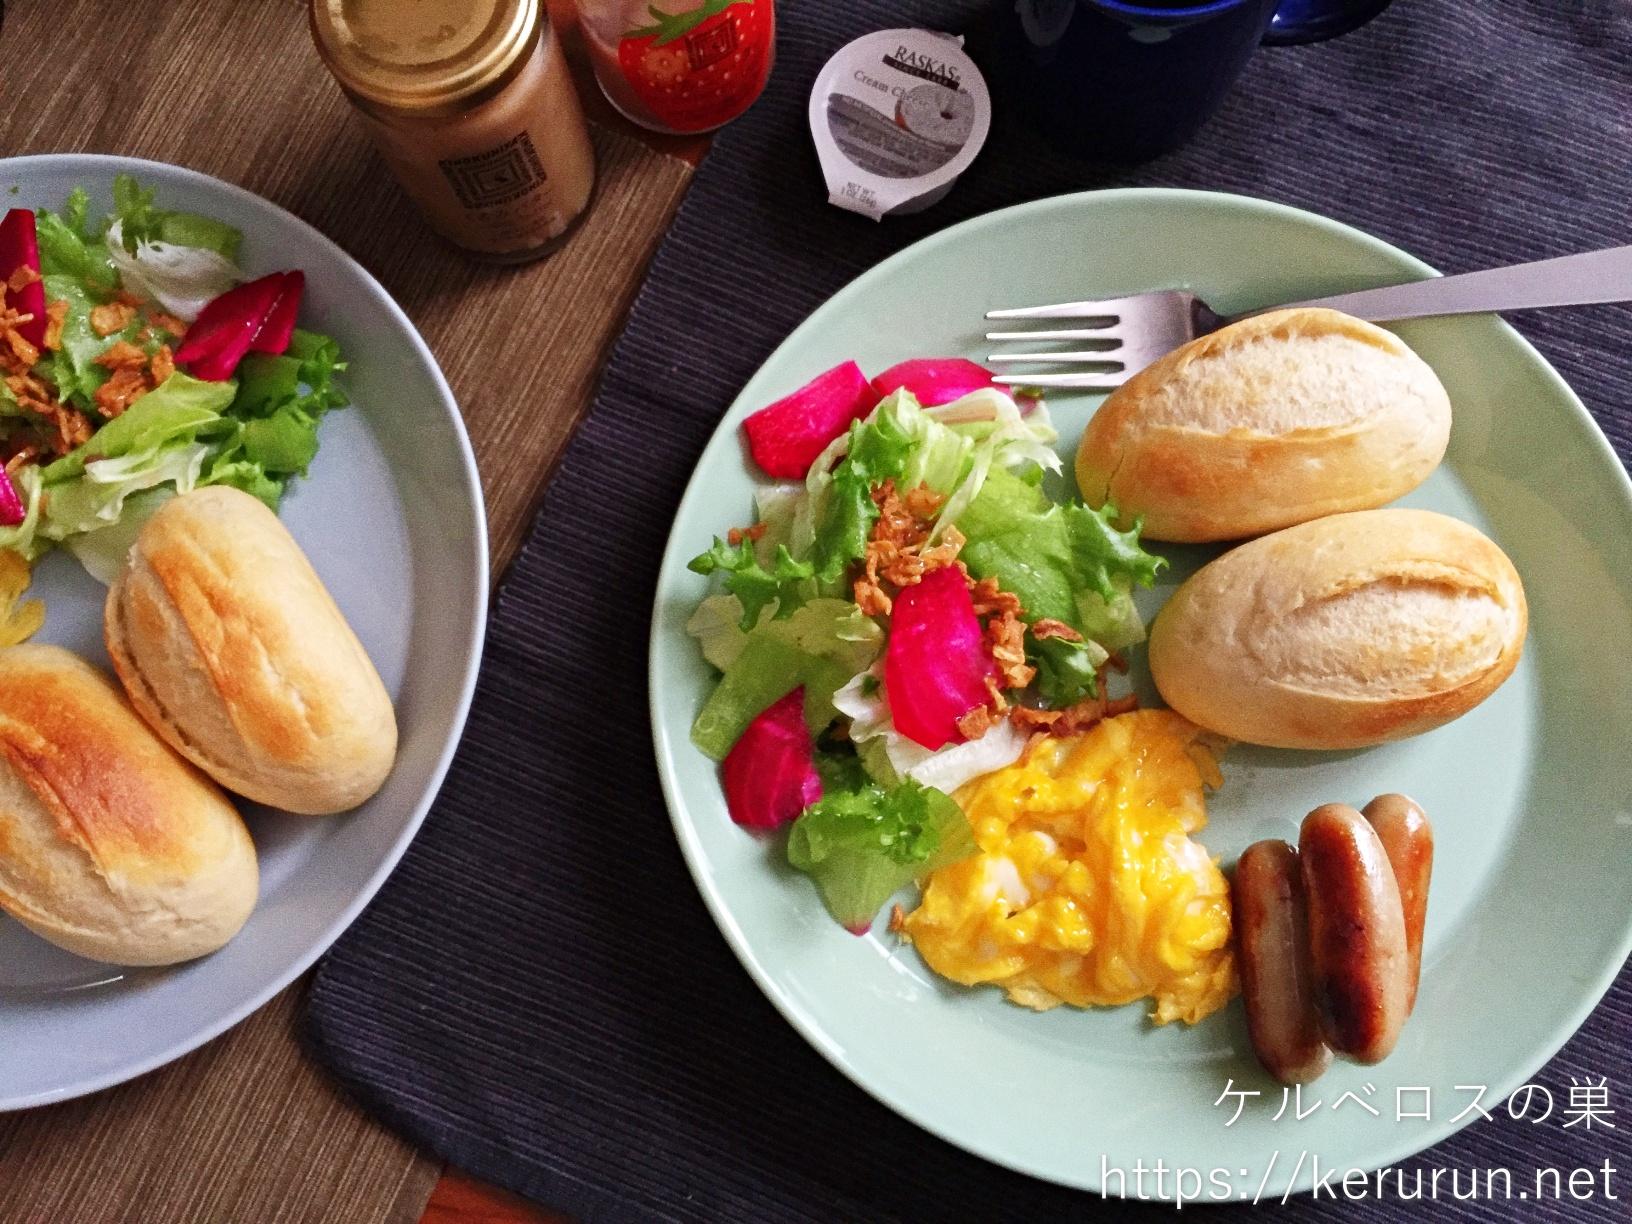 メニセーズのミニパンでワンプレート朝ごはん